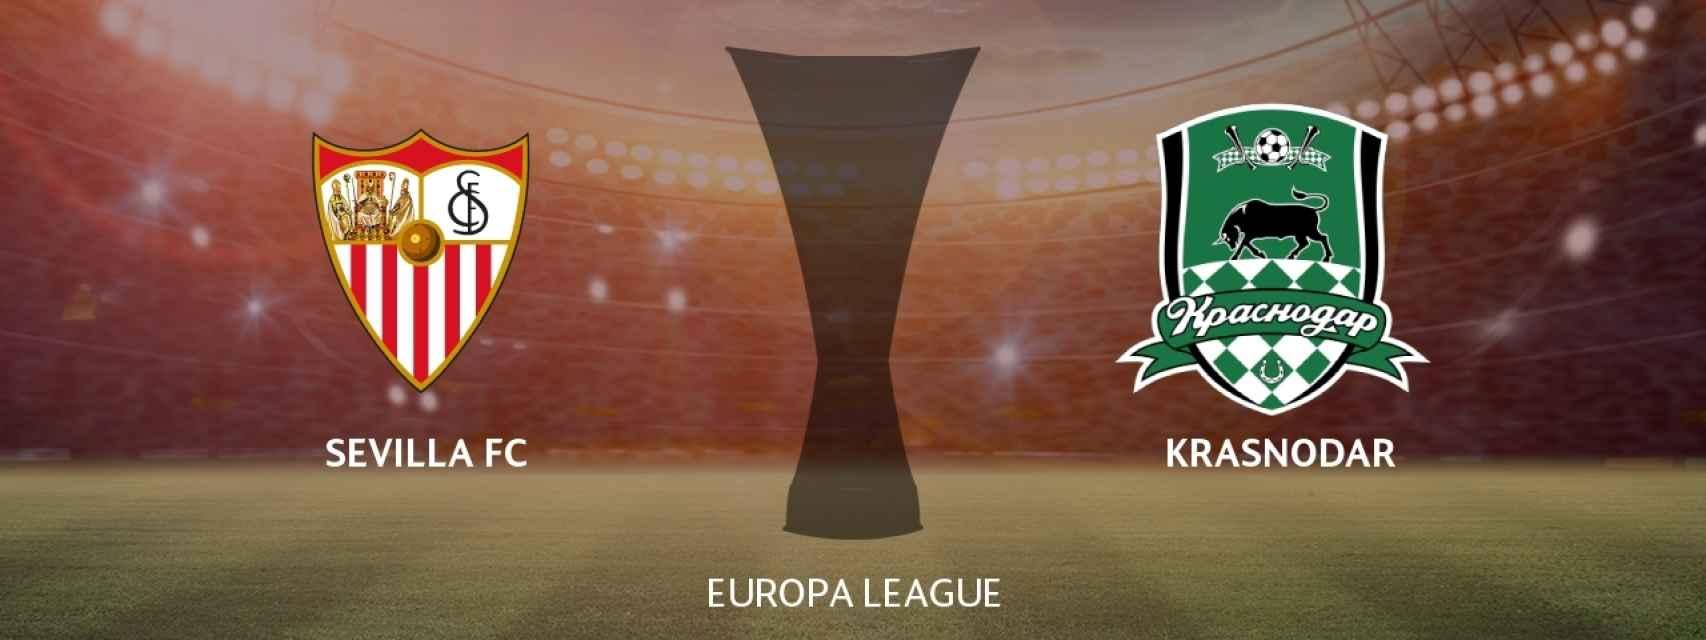 Sevilla - Krasnodar